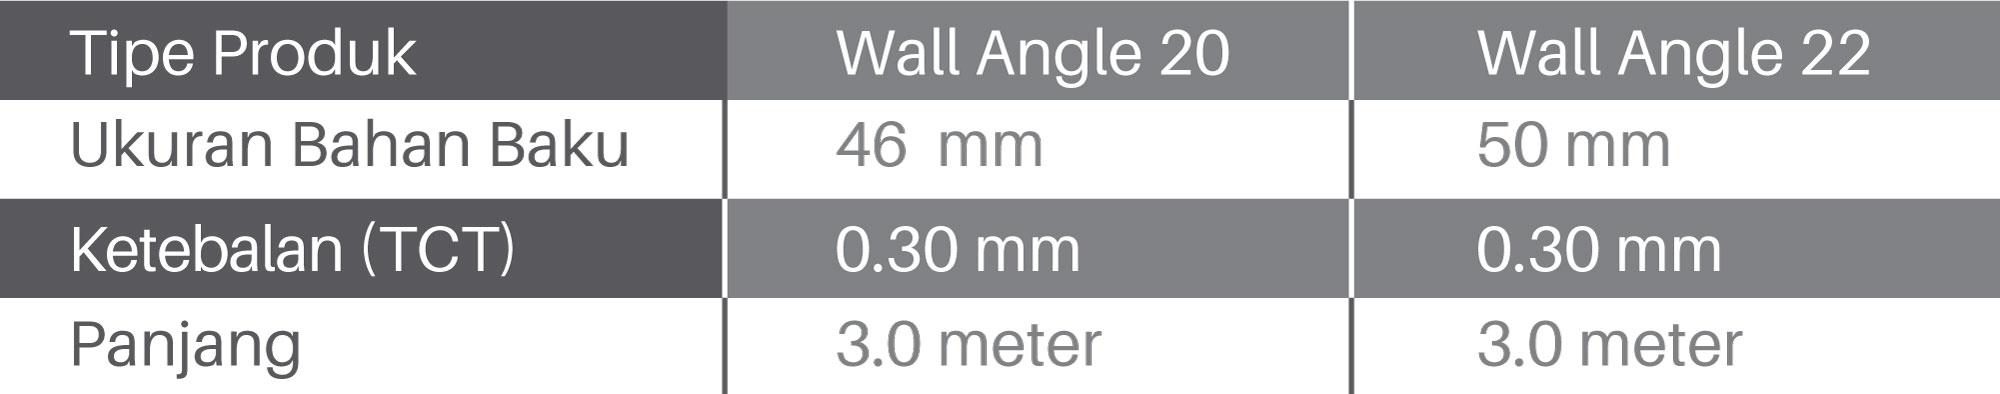 Wall Angle